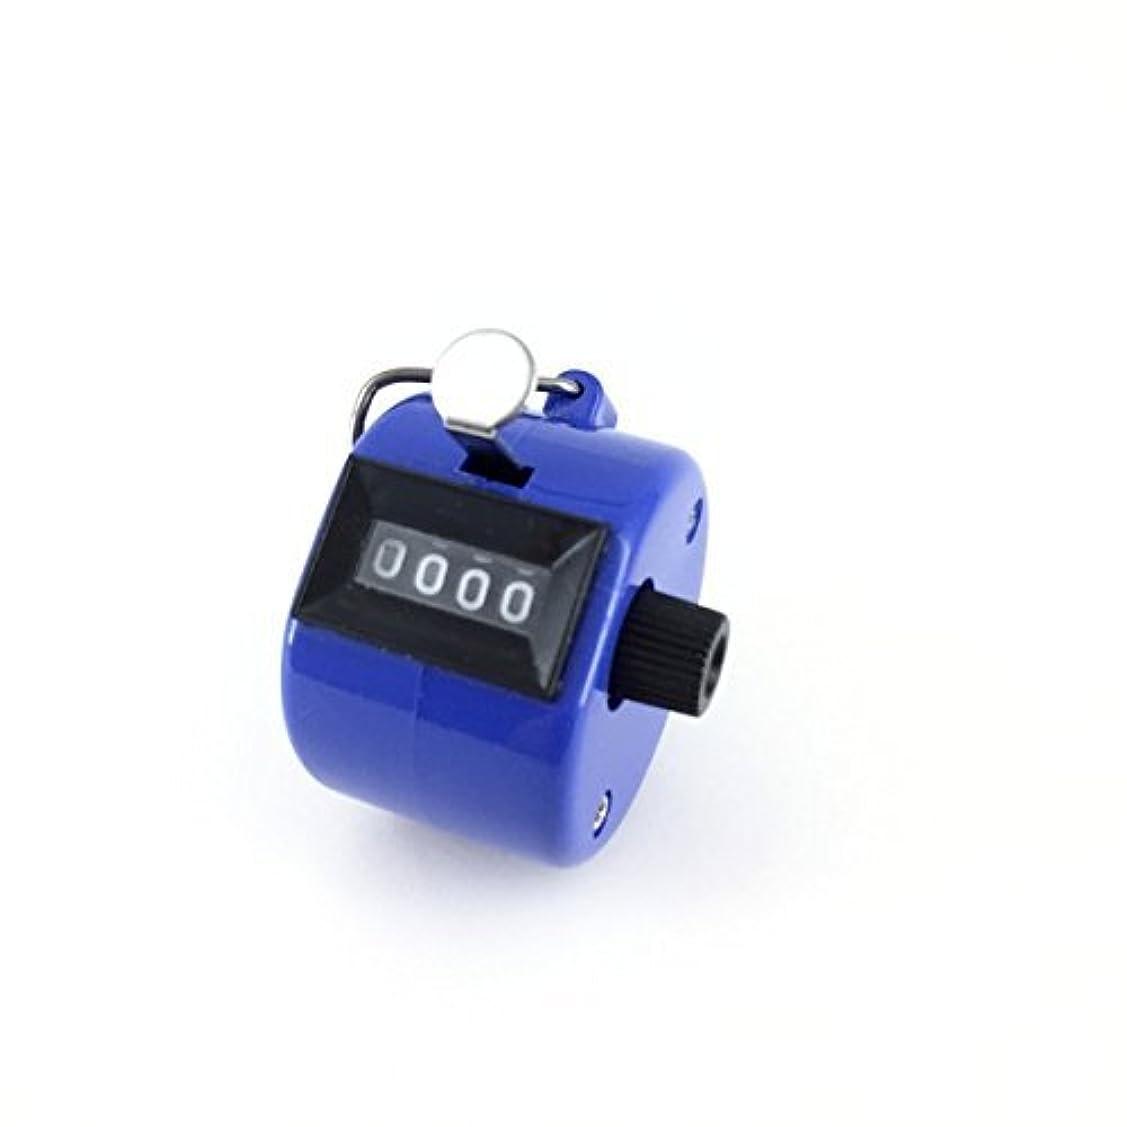 誤解を招くイサカ時計回りエクステカウンター 手持ちホルダー付き 数取器 まつげエクステ用品 カラー4色 (ブルー)